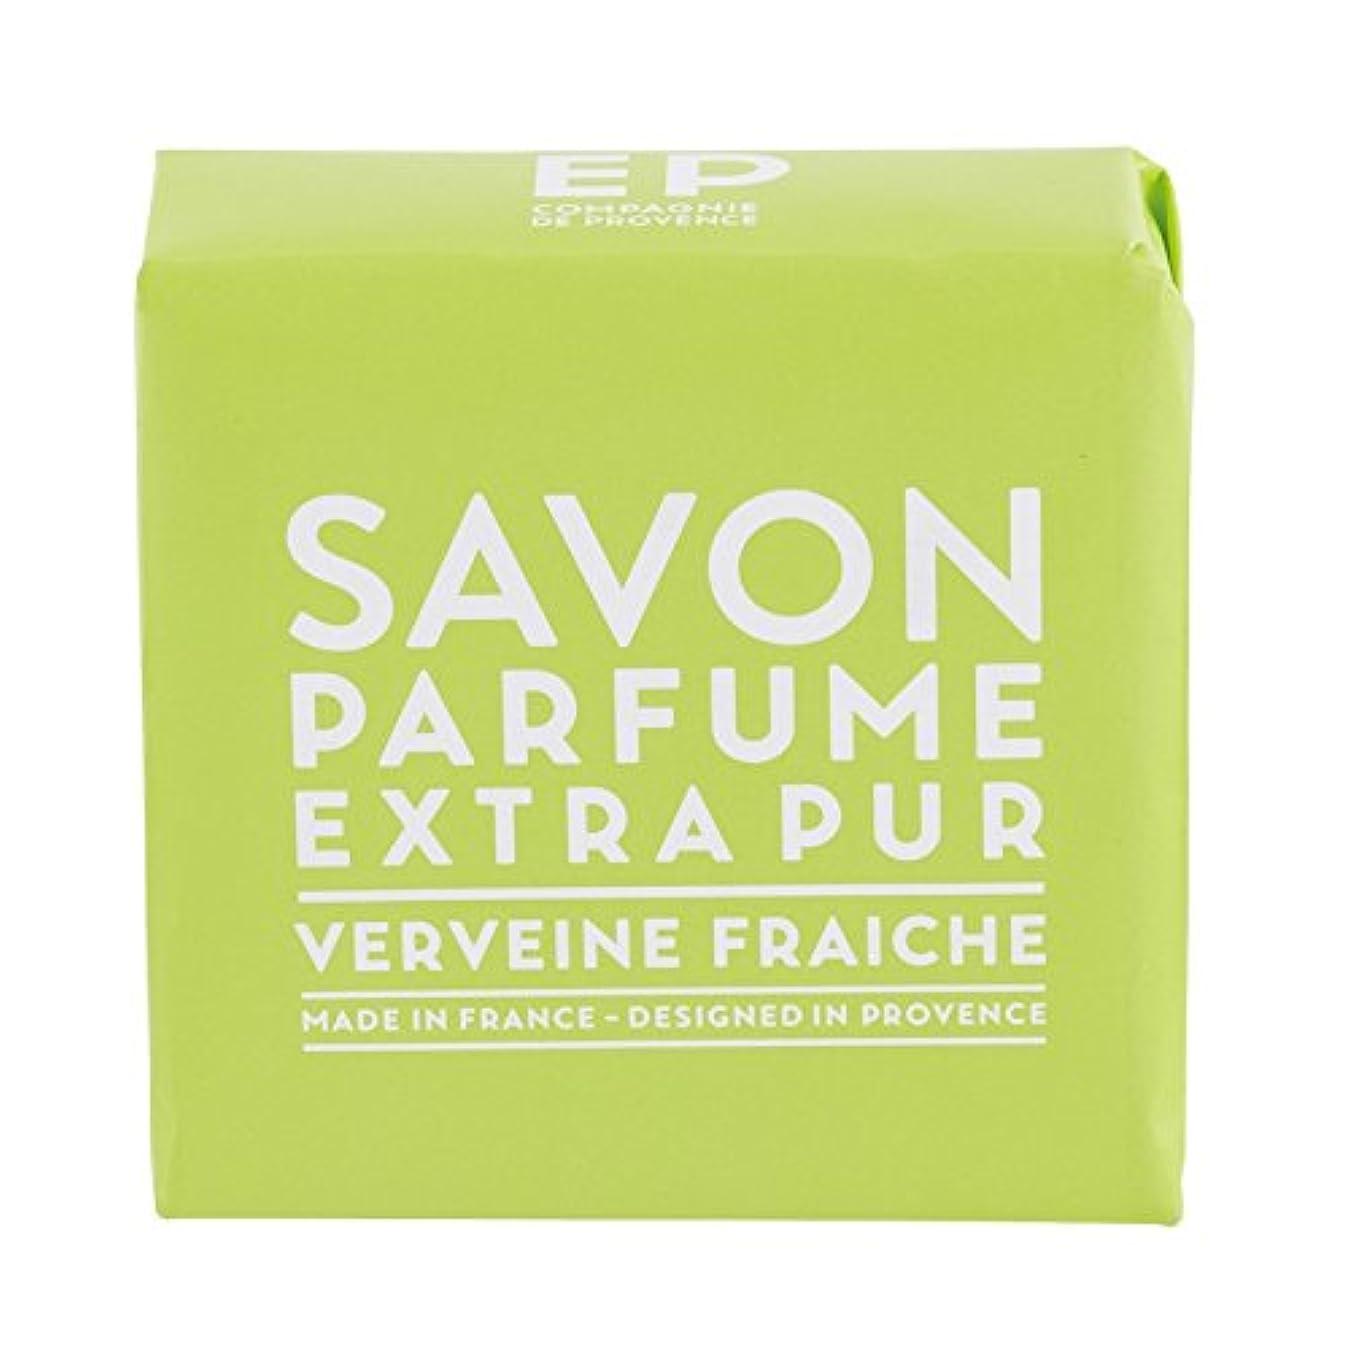 ベイビースライム増幅するカンパニードプロバンス EXP  マルセイユソープ バーベナ 100g(全身用石けん?フランス製?フレッシュで爽快感のあるバーベナの香り)